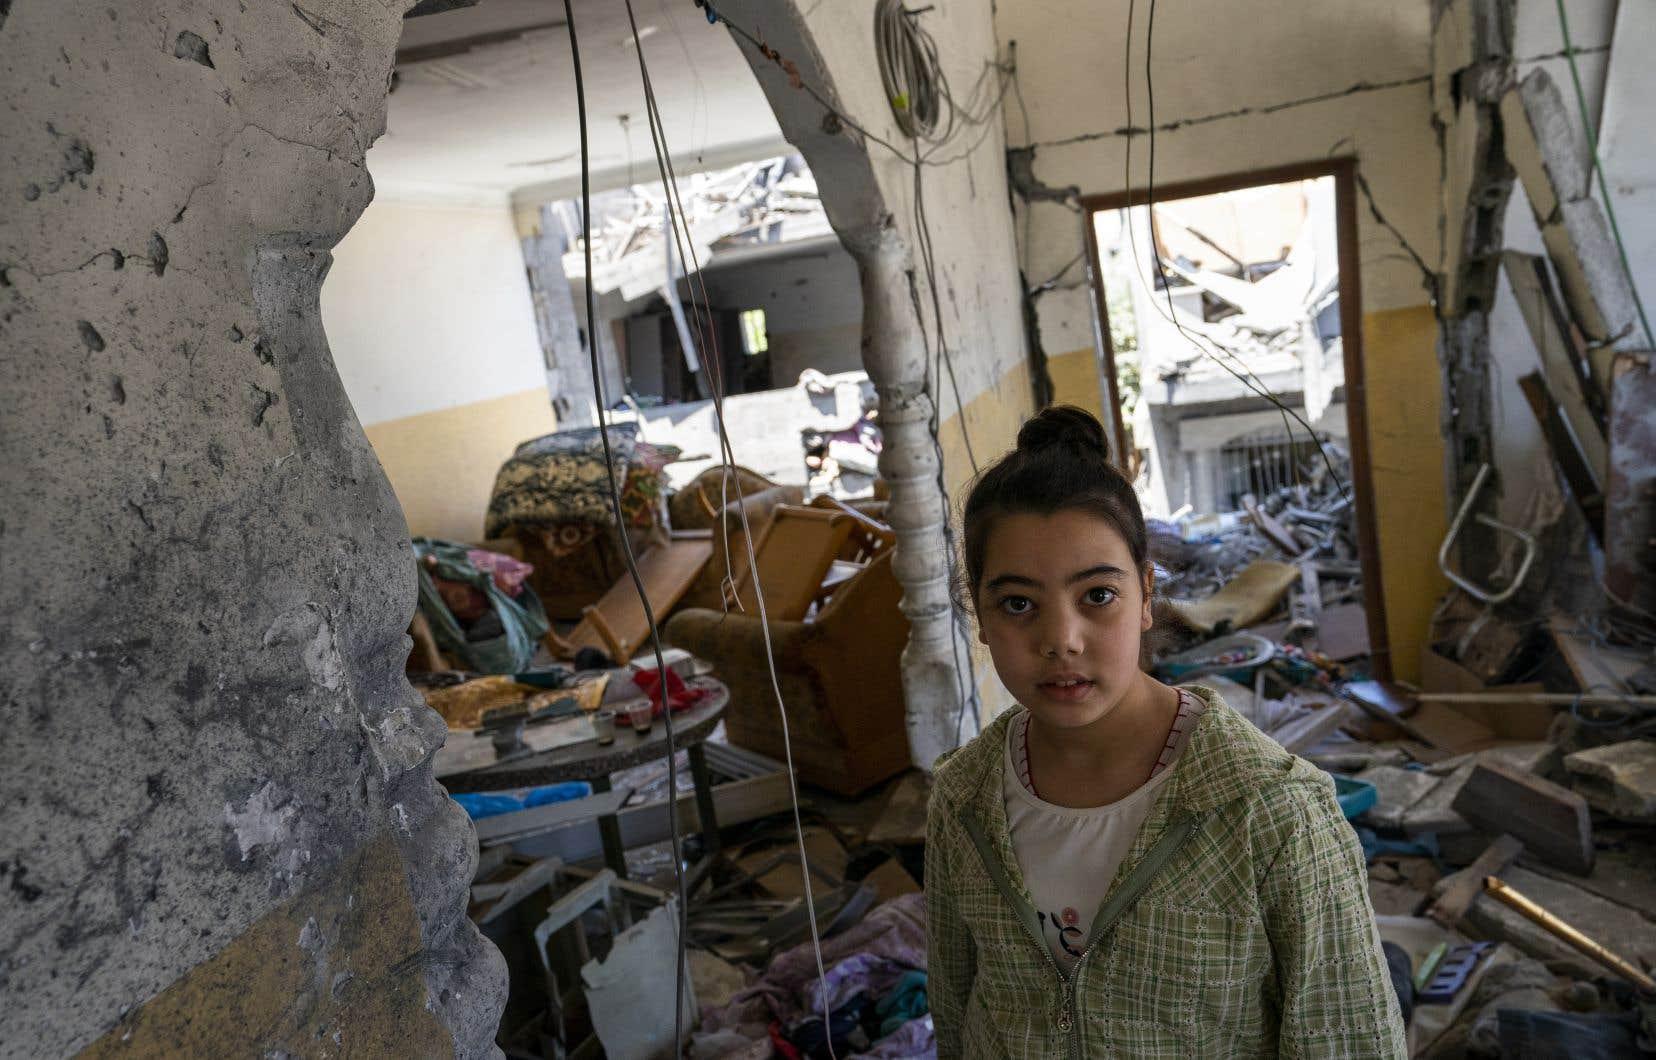 Le 20mai, l'OMS avait estimé que sept millions de dollars seraient nécessaires sur six mois pour répondre à la crise sanitaire accrue en Cisjordanie occupée et dans la bande de Gaza.